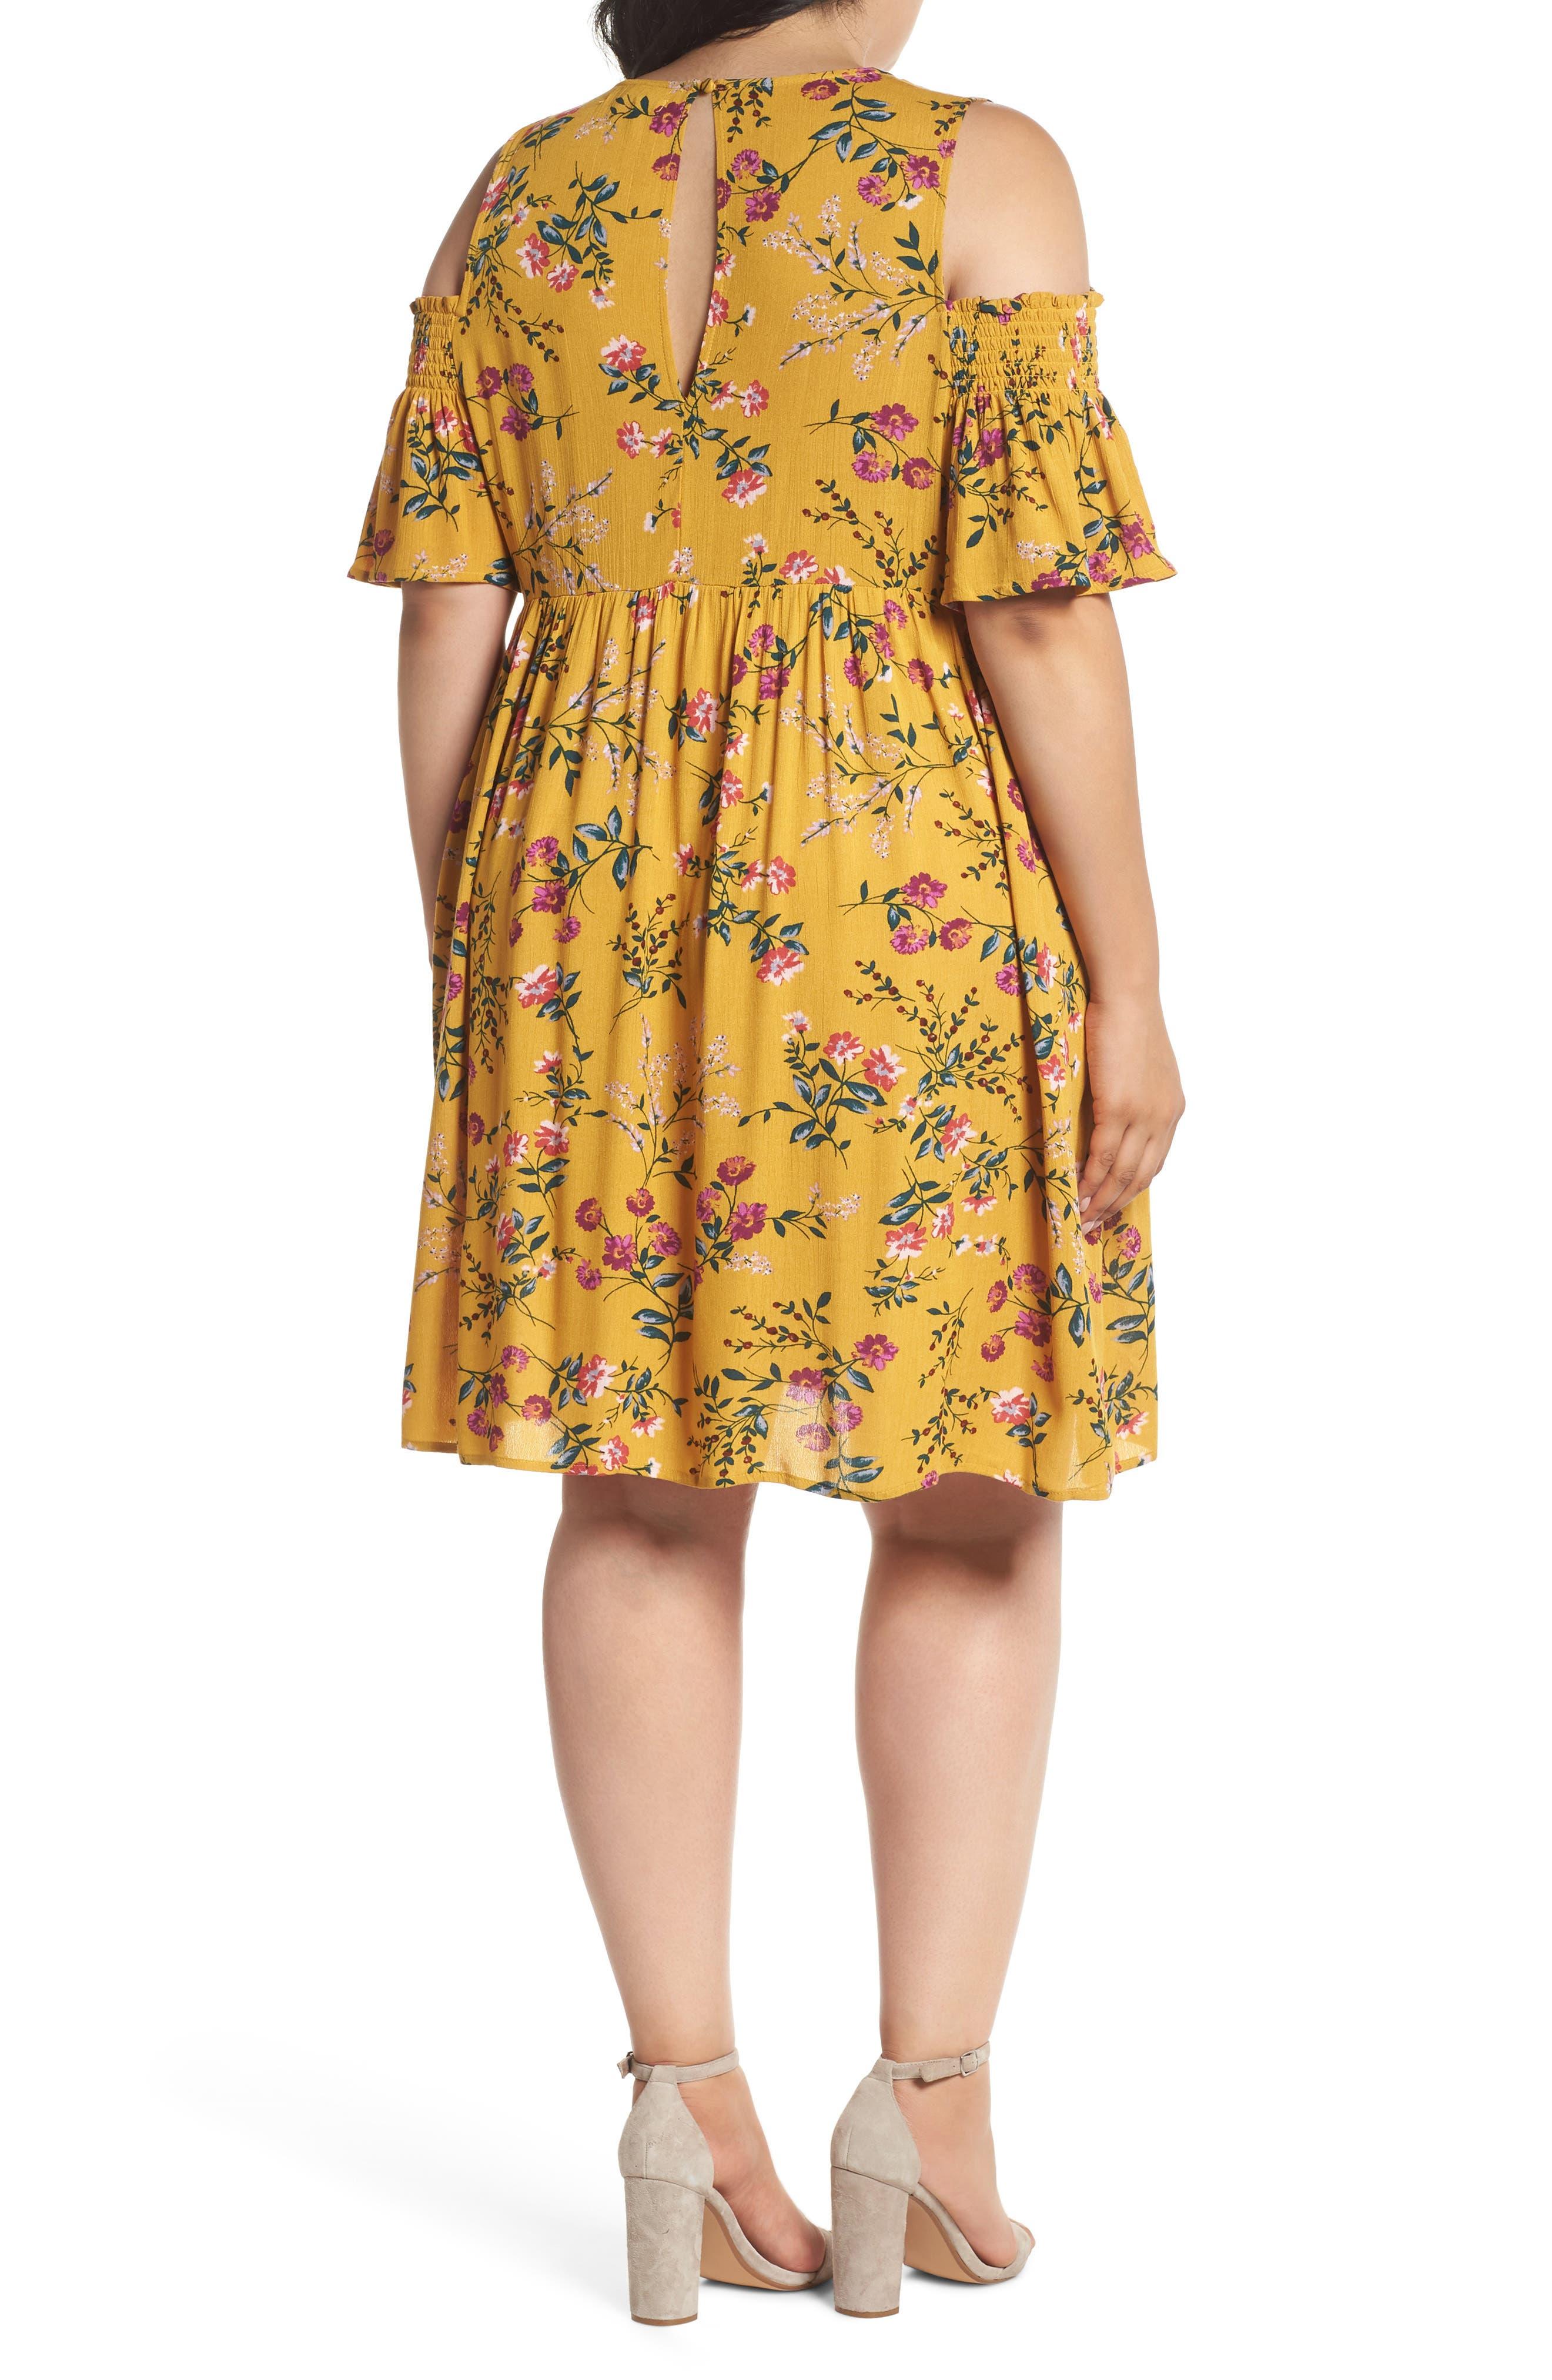 Floral Smocked Cold Shoulder Dress,                             Alternate thumbnail 2, color,                             Mustard Multi Floral